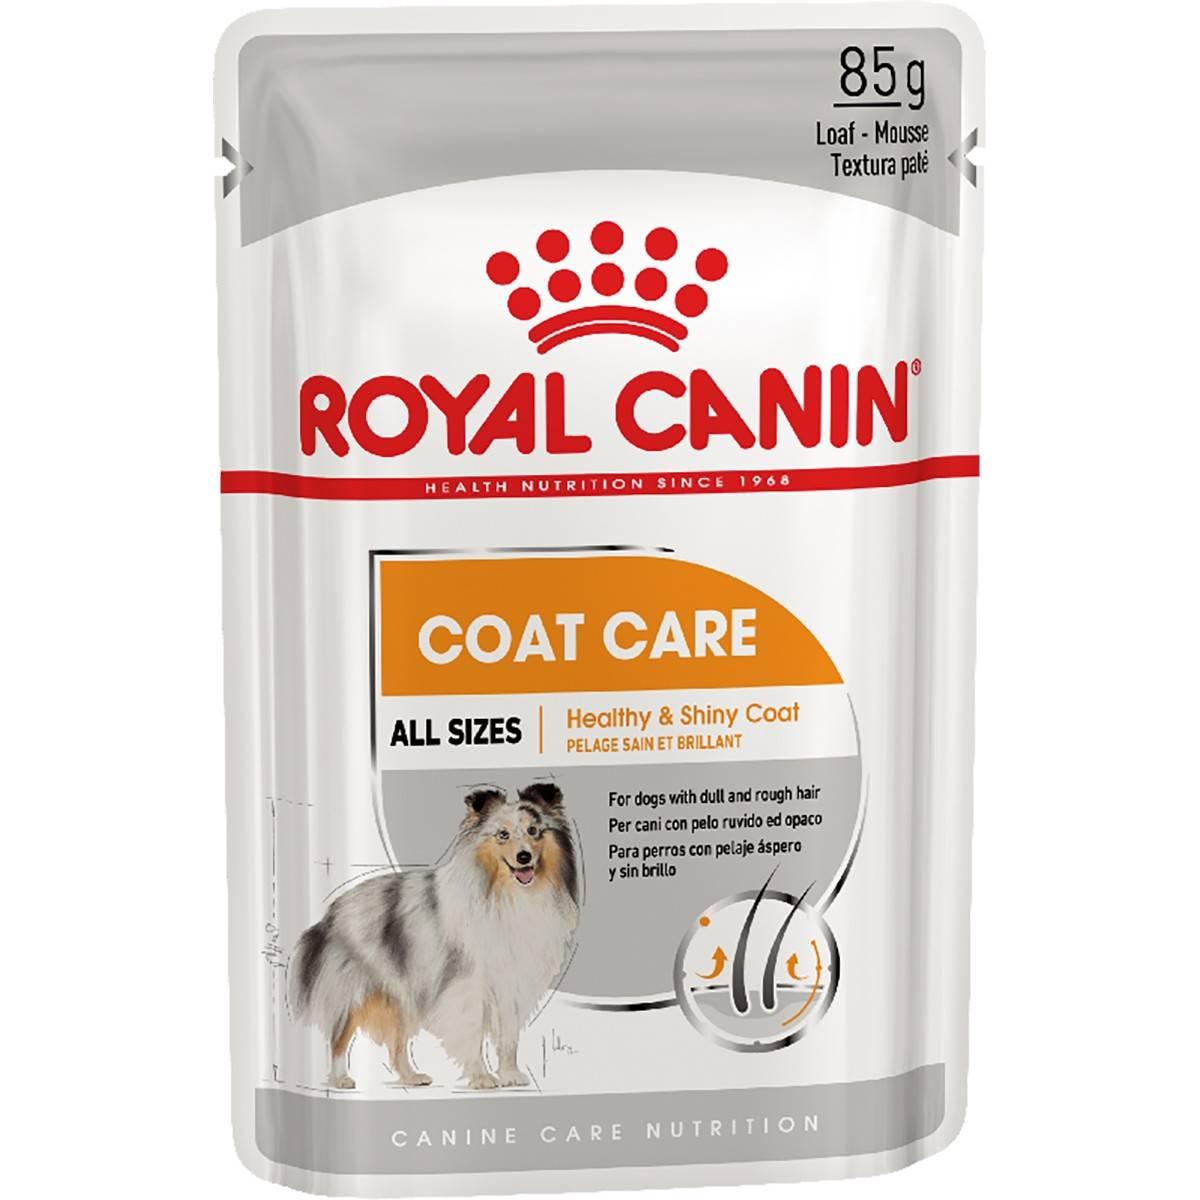 ROYAL CANIN COAT CARE MINI – вологий корм для собак з тьмяною і жорсткою шерстю